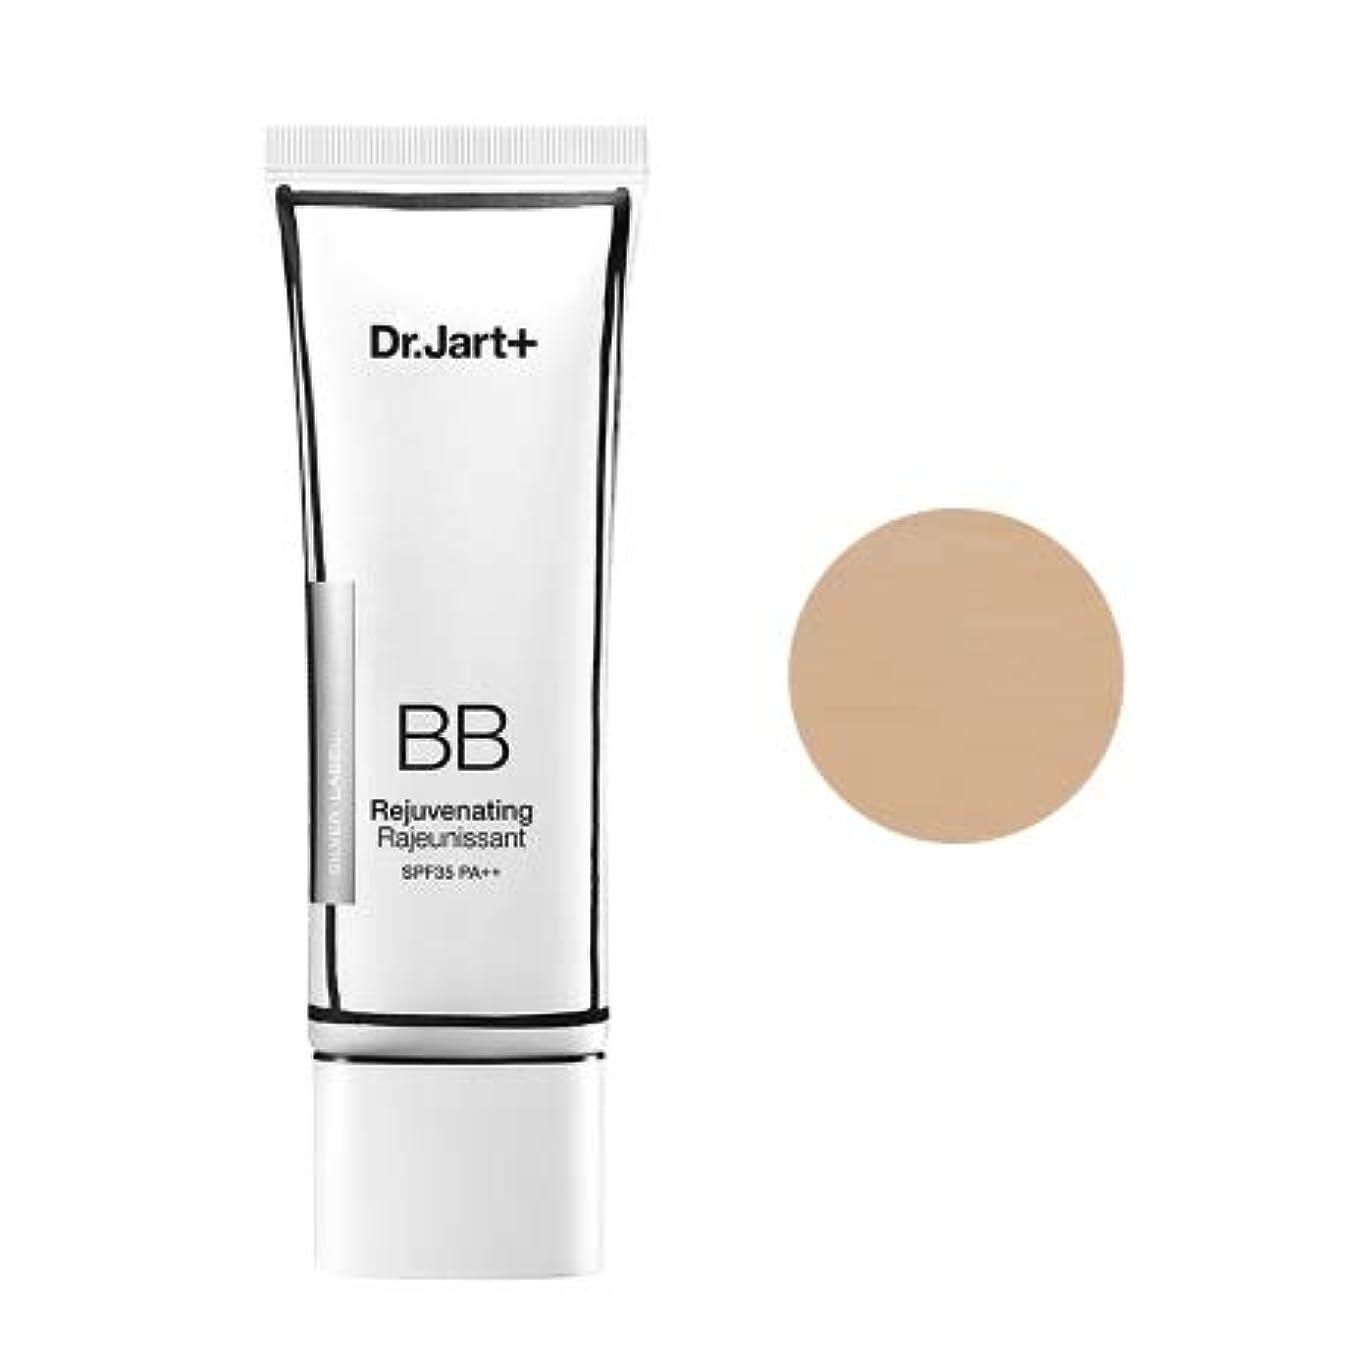 インスタントボンド願う[Upgrade] Dr.Jart+Dermakeup Rejuvenating Beauty Balm SPF35 PA++ 50ml /ドクタージャルトゥザメーキャップリージュビネイティンビューティーバーム SPF35...